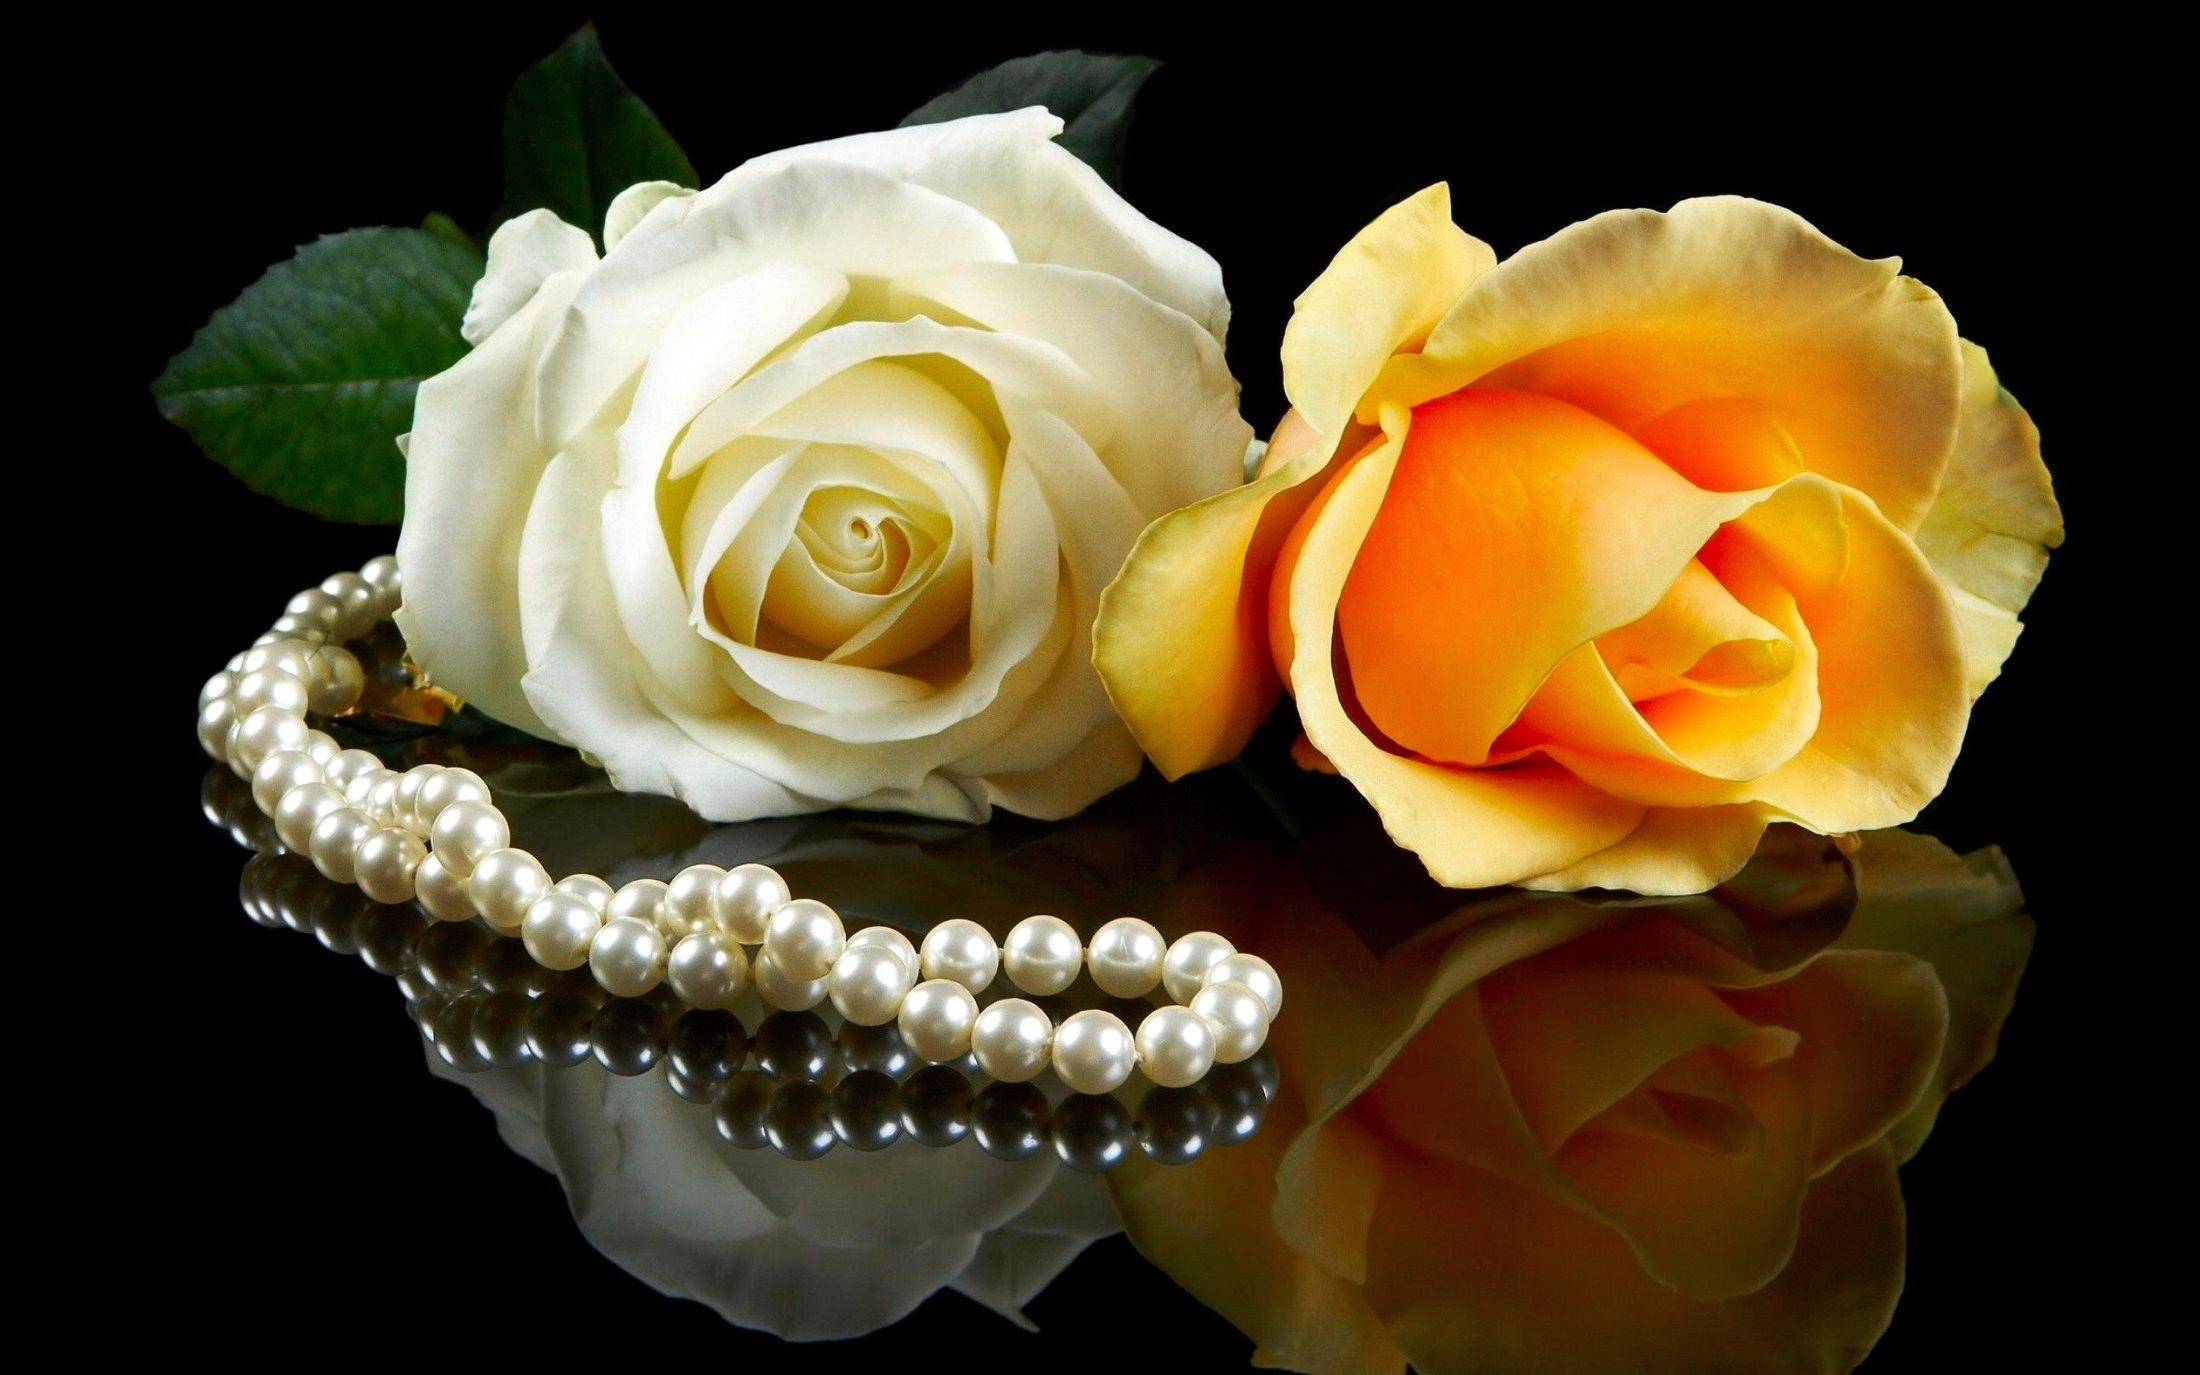 красивые розы супер картинка